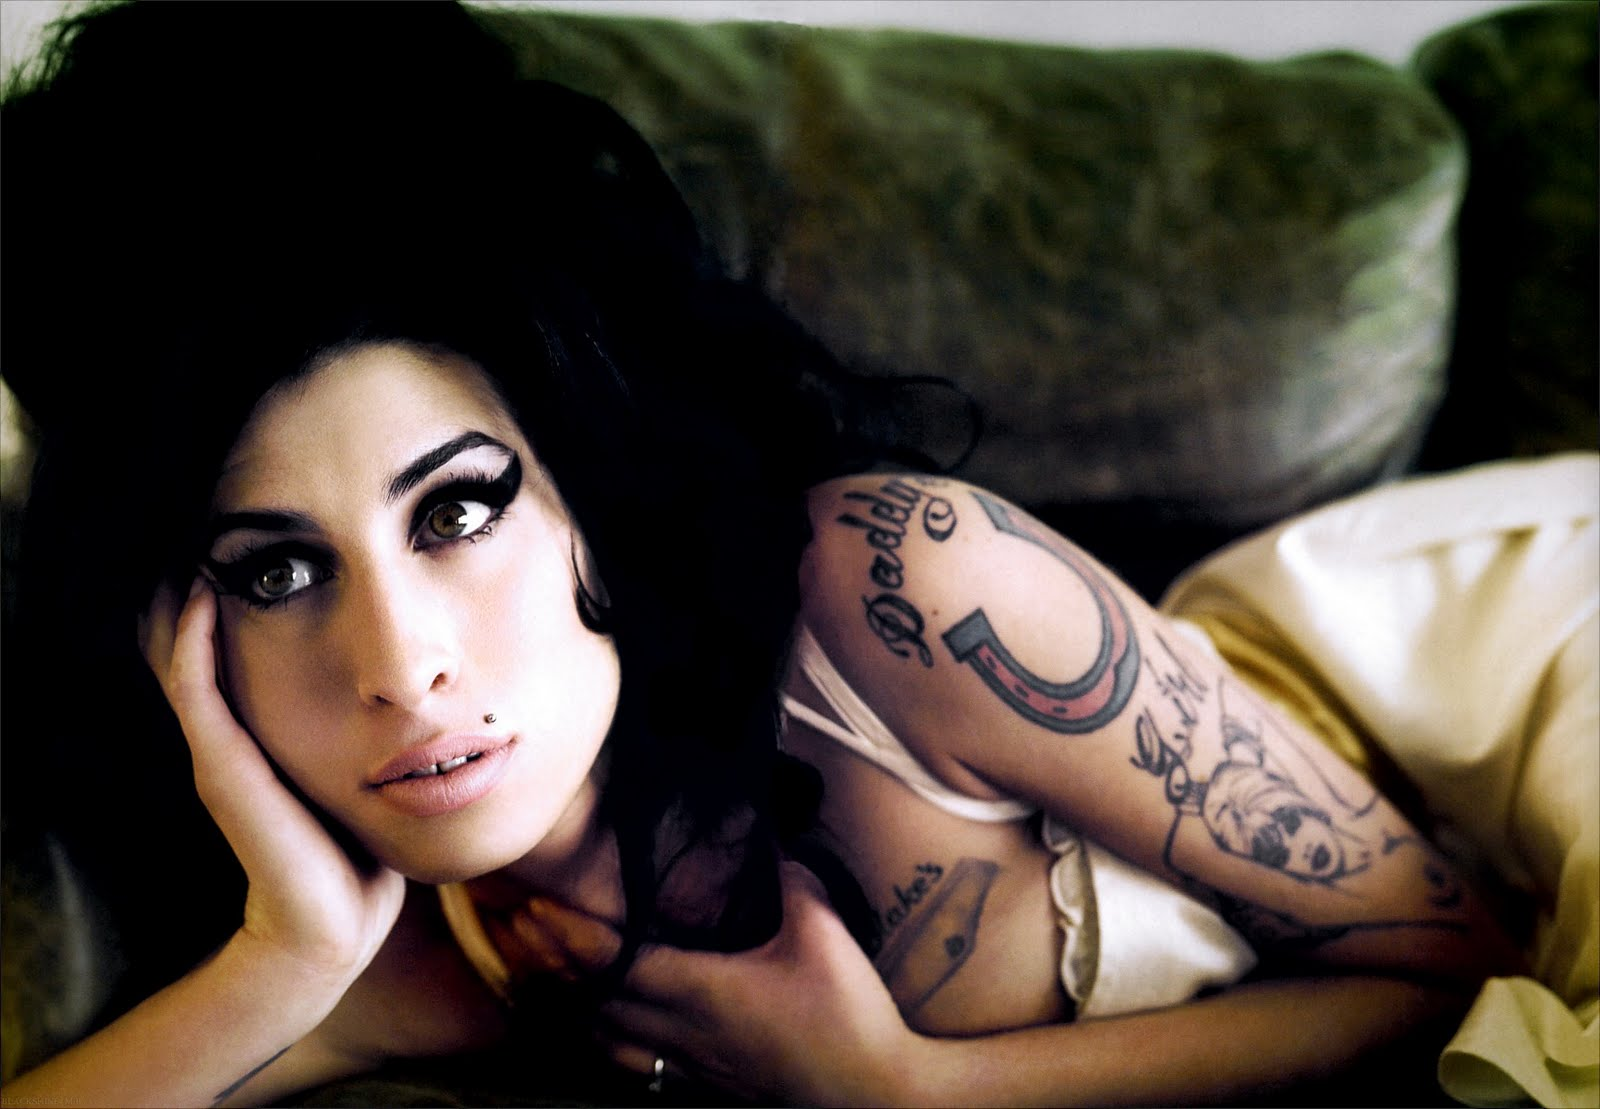 http://4.bp.blogspot.com/-f9yez0jXl9s/Ti3SU9ipD4I/AAAAAAAAAT0/Gs_hFi_tZO4/s1600/Amy-Winehouse-Morre-Foto-Sensual-Nua.jpg